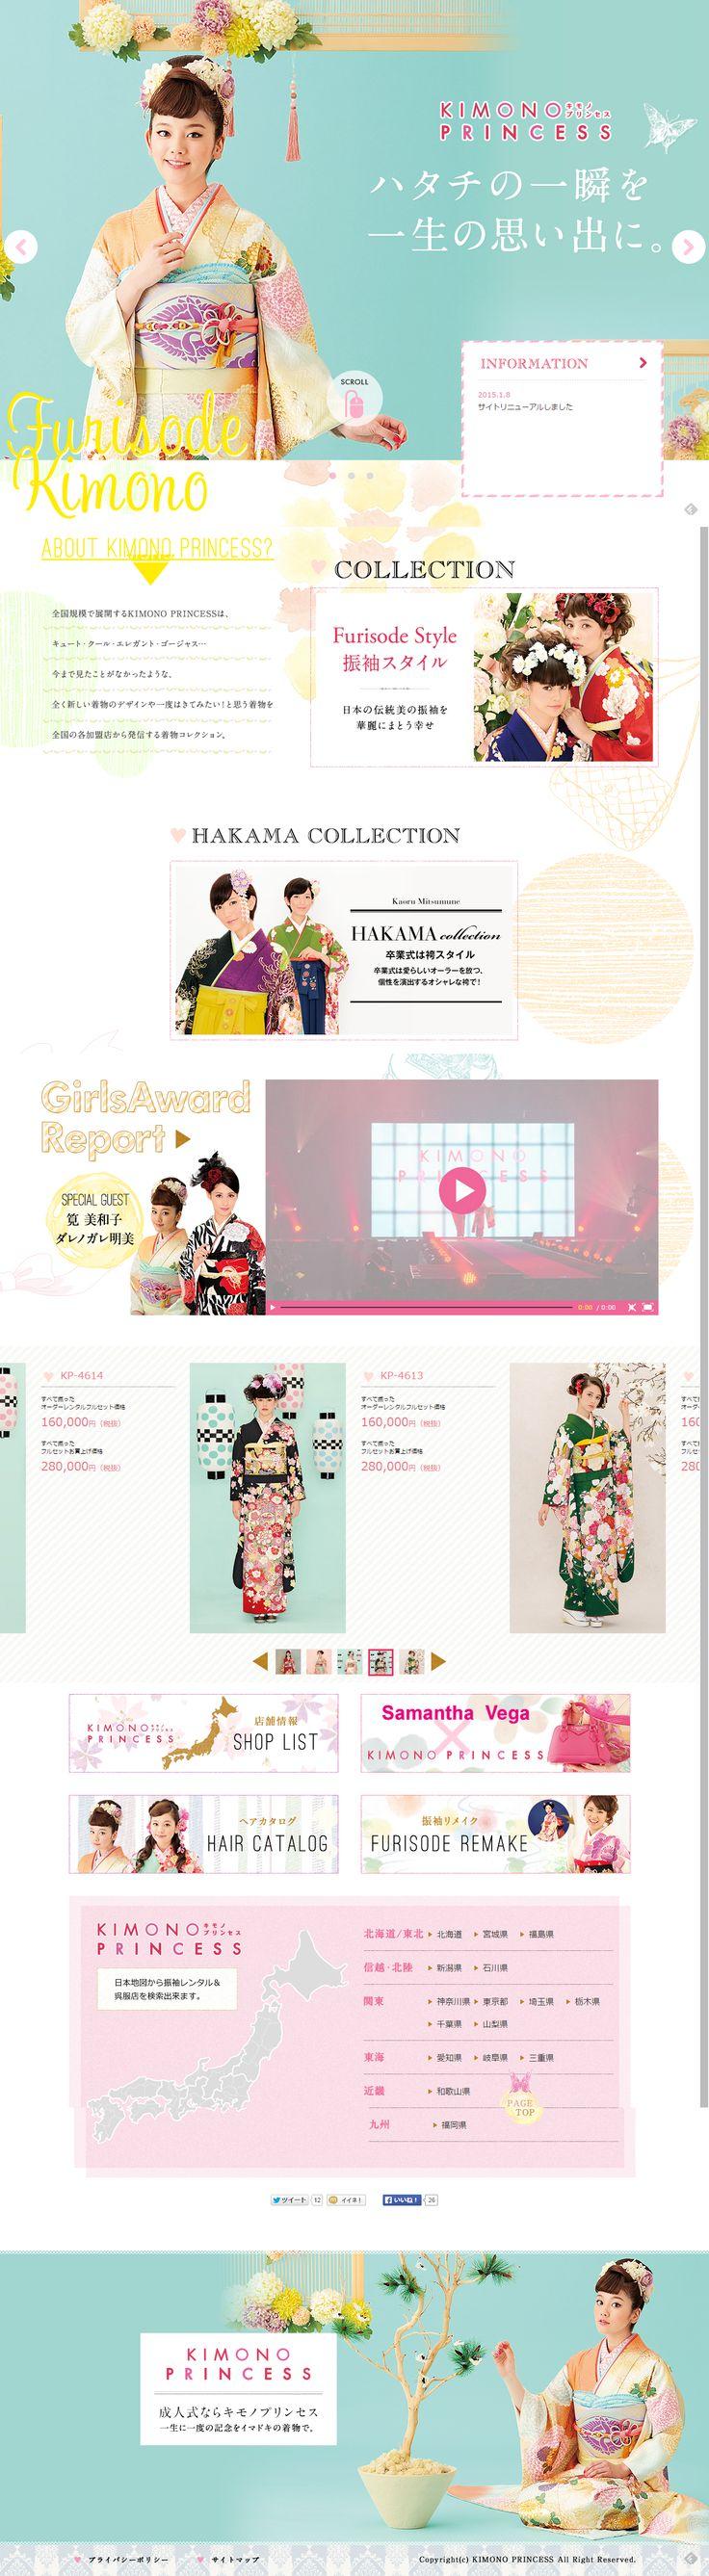 http://www.kimono-p.jp/